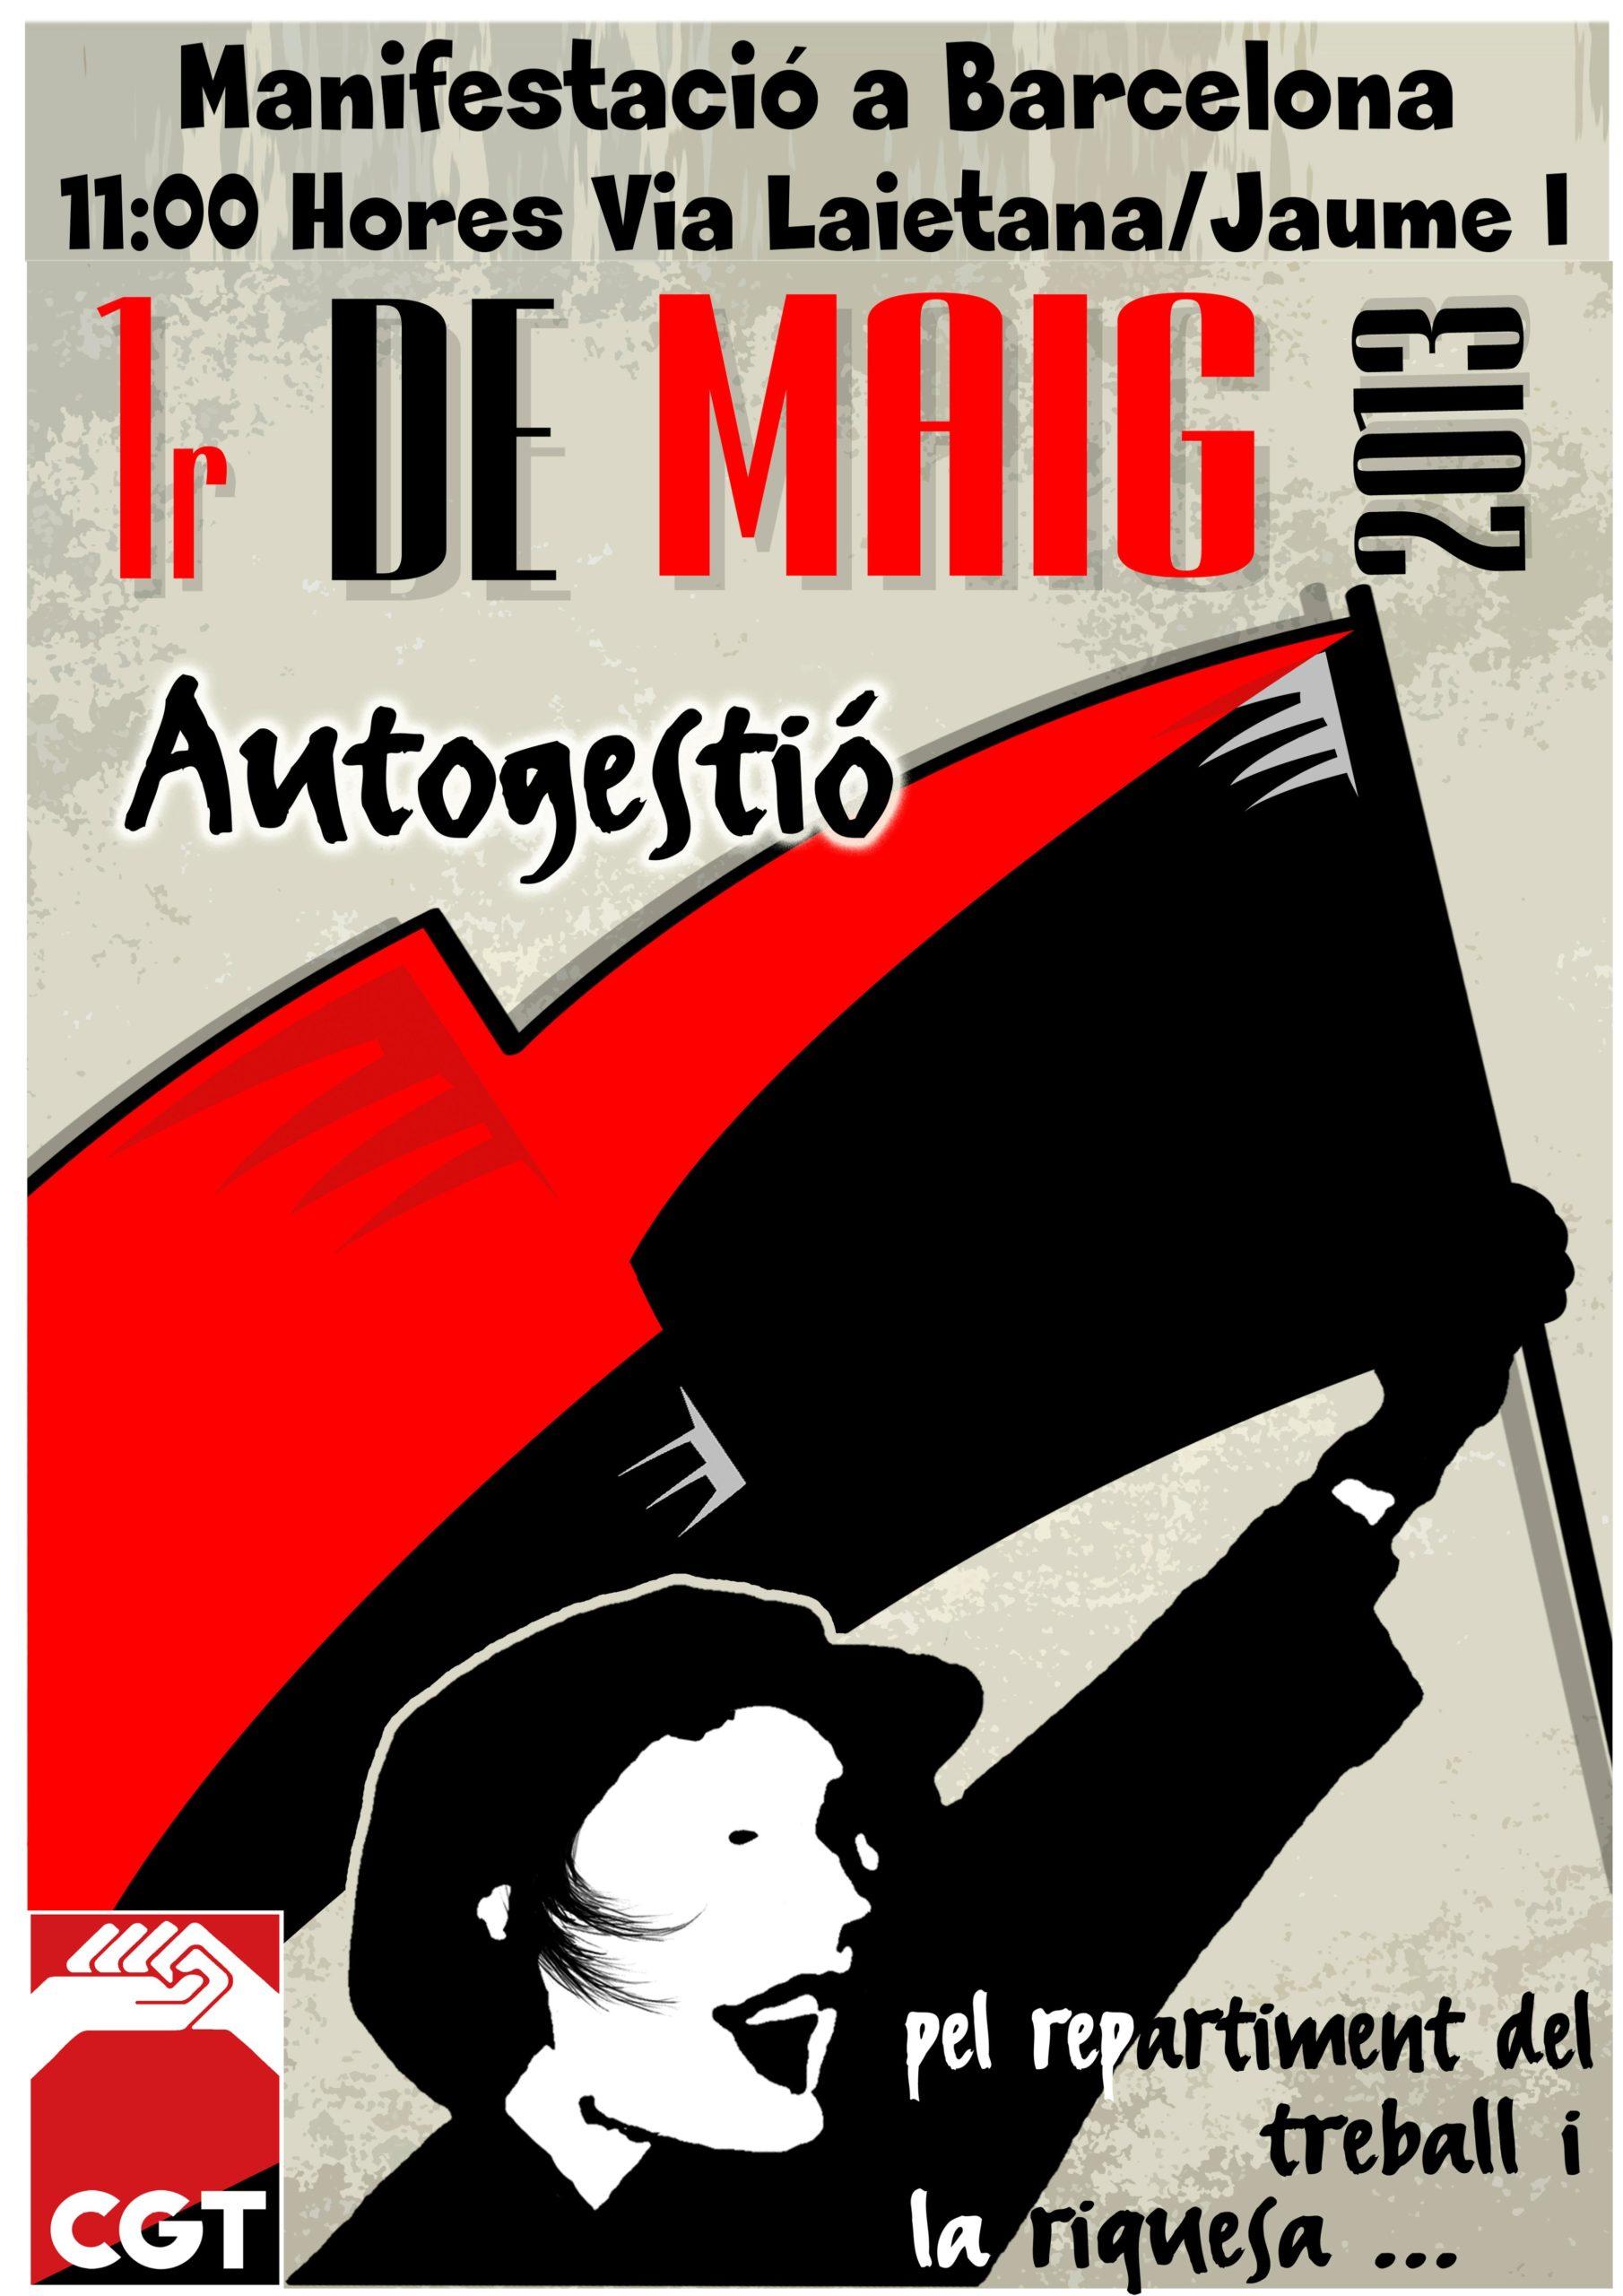 Cartell 1 de maig 2013 CGT Barcelona